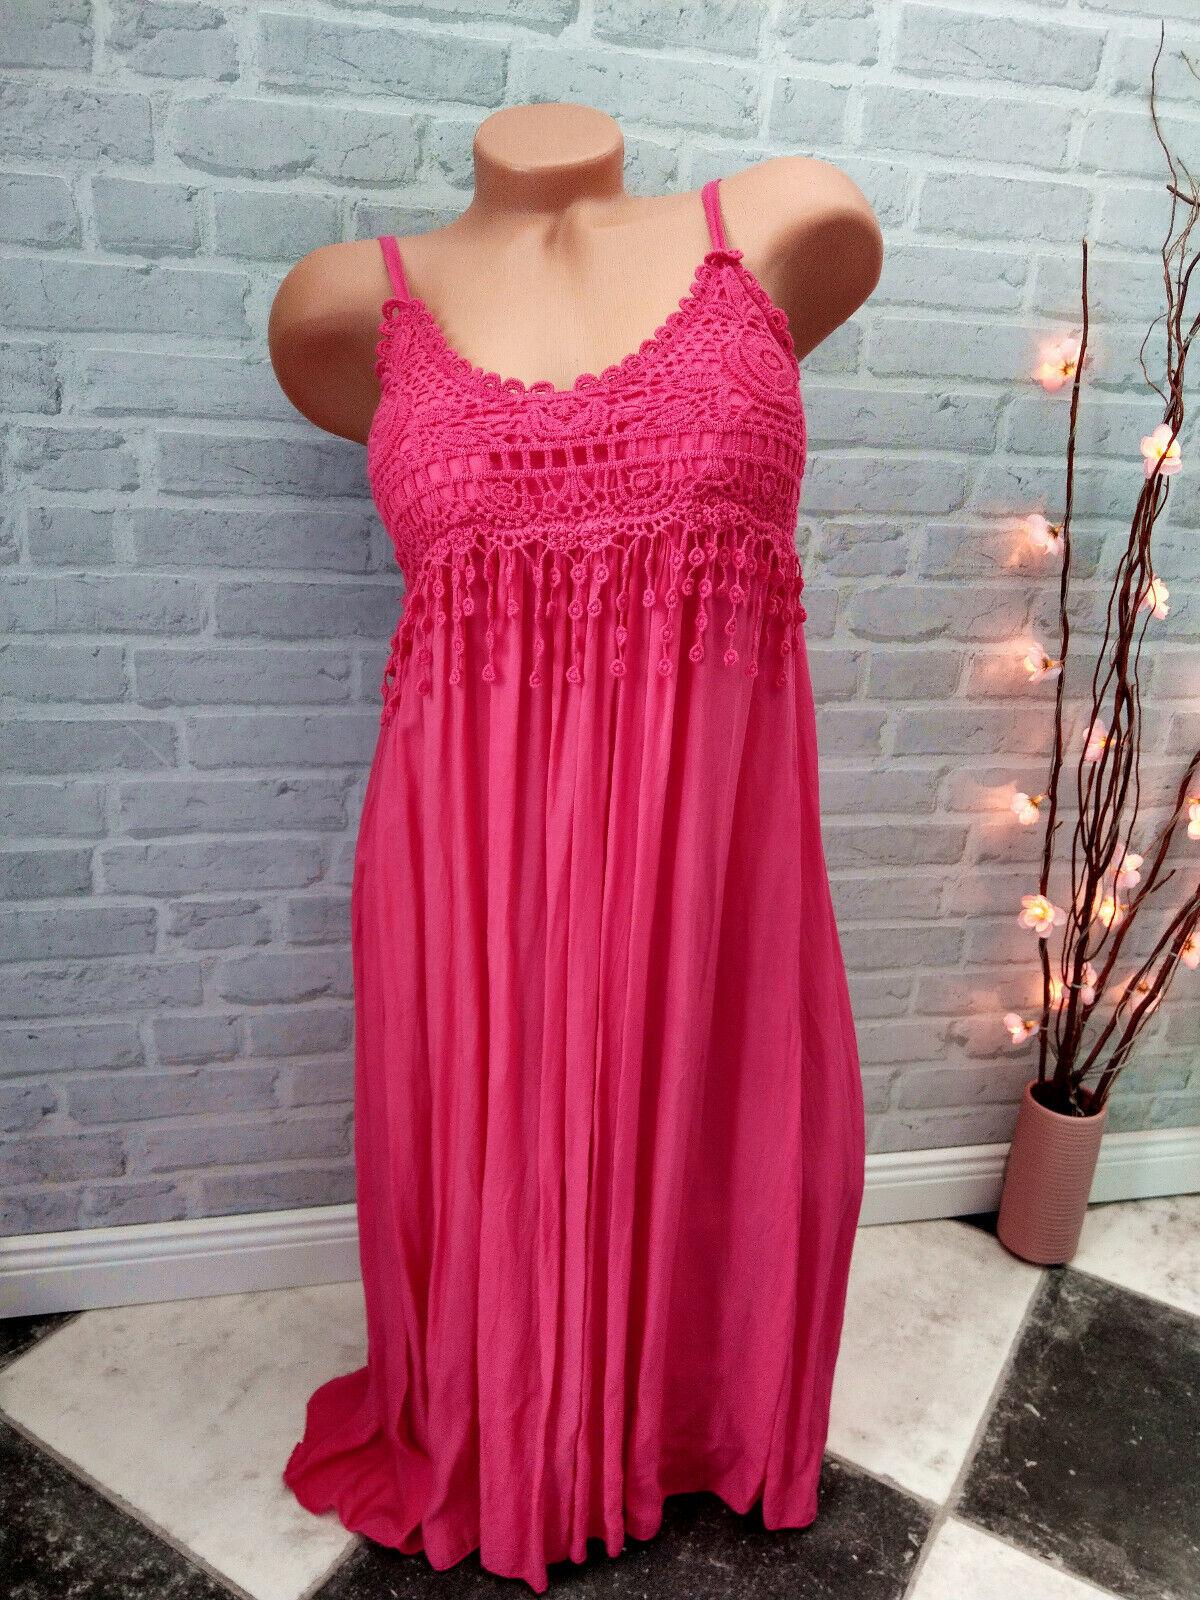 made in ITALY Mode Kleid ❤ 34 36 38 S / M Häkel Spitze PINK Hängerchen IBIZA neu